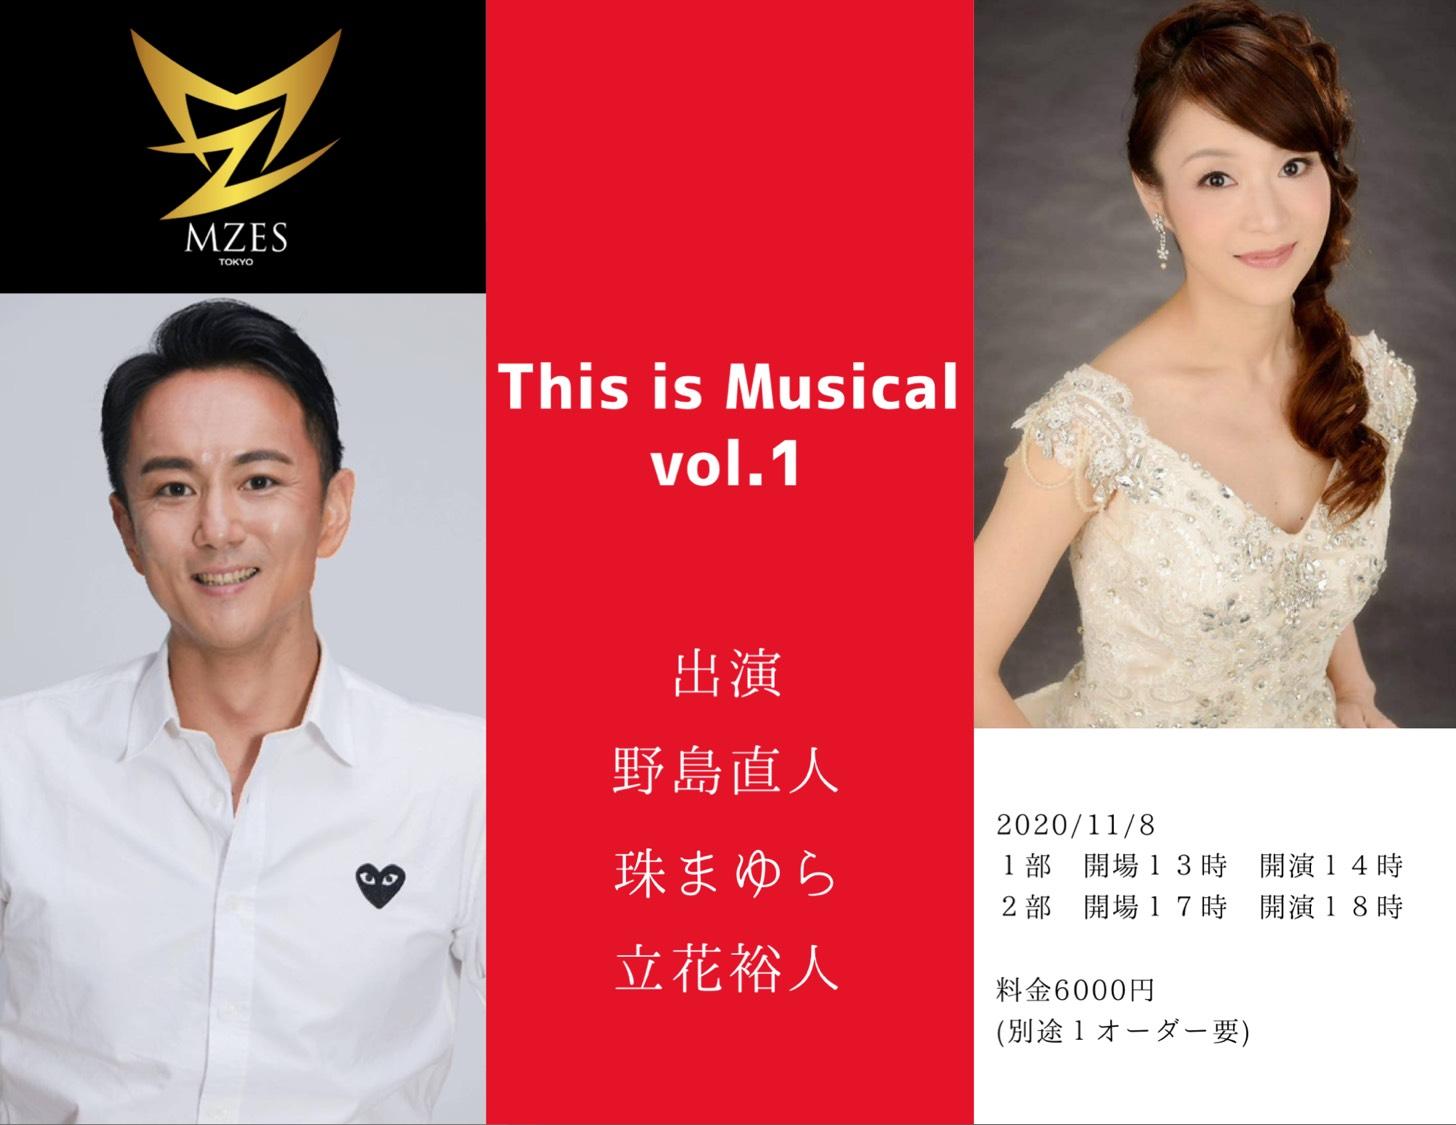 【1部】This Is Musical vol.1~モーツァルト特集~ 出演 野島直人 珠まゆら 立花裕人